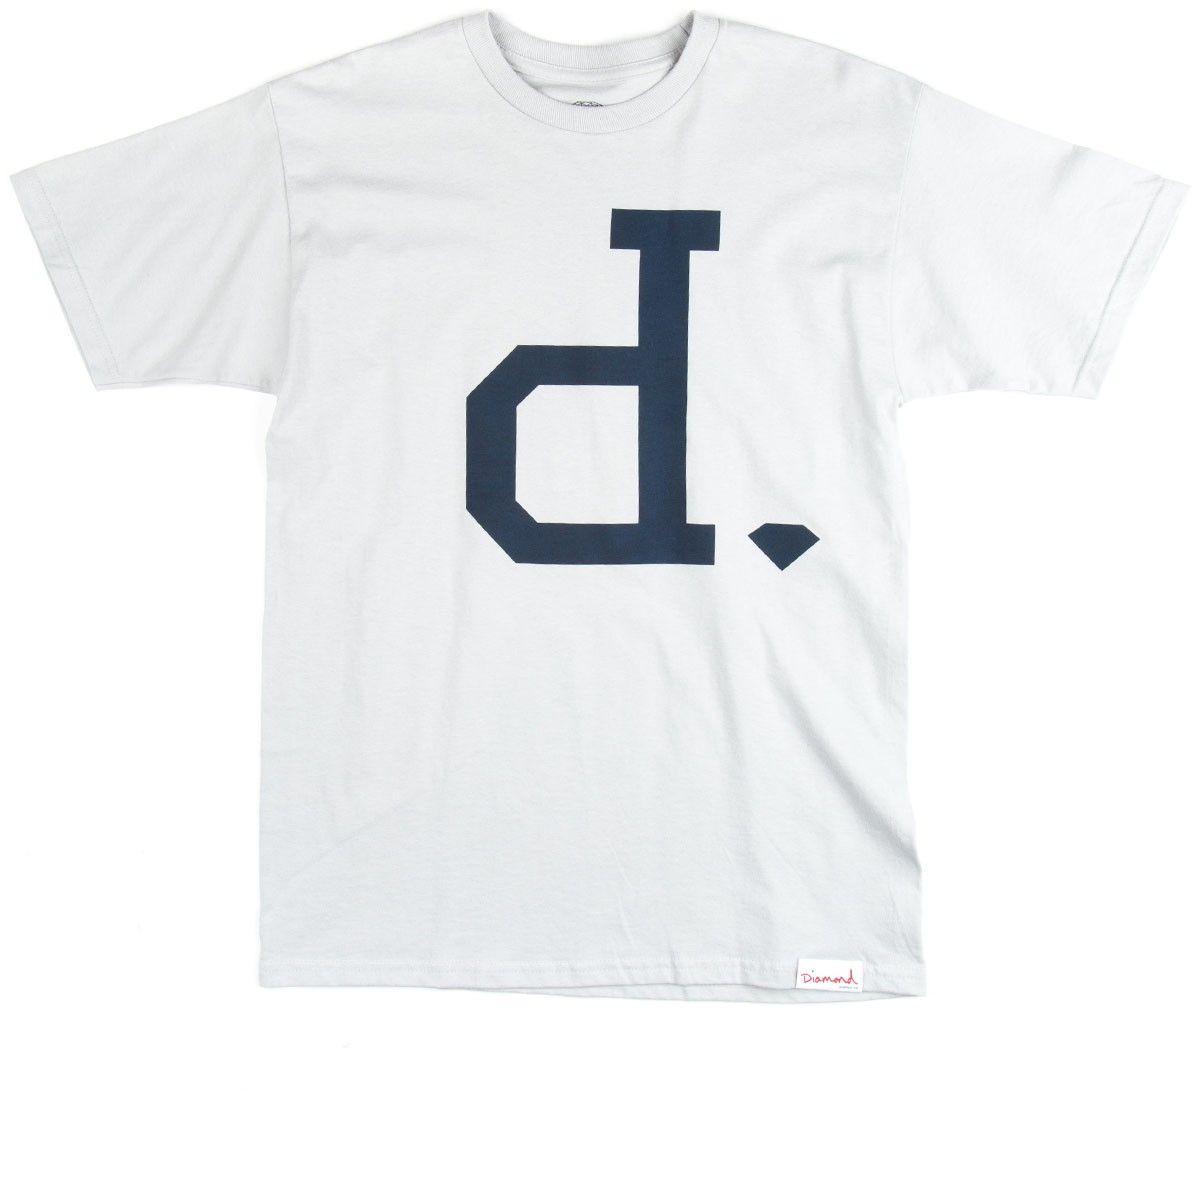 95d9cbad30c9 Diamond Supply Co D- Logo - Diamond Supply Co. Tonal UN Polo T-